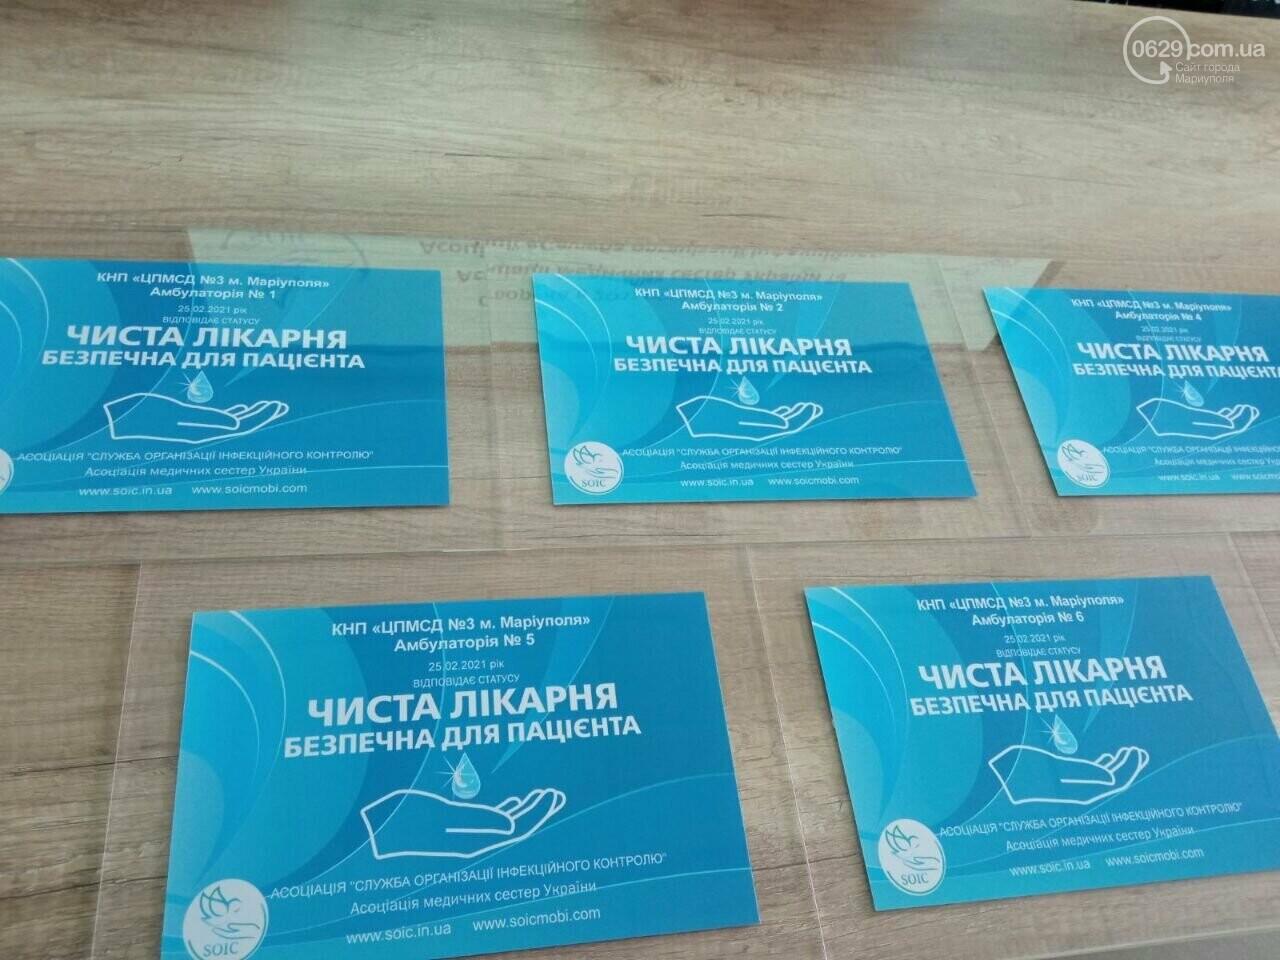 """""""Стерильная больница"""". Медицинские учреждения Мариуполя отметили сертификатами чистоты, - ФОТОРЕПОРТАЖ, фото-2"""